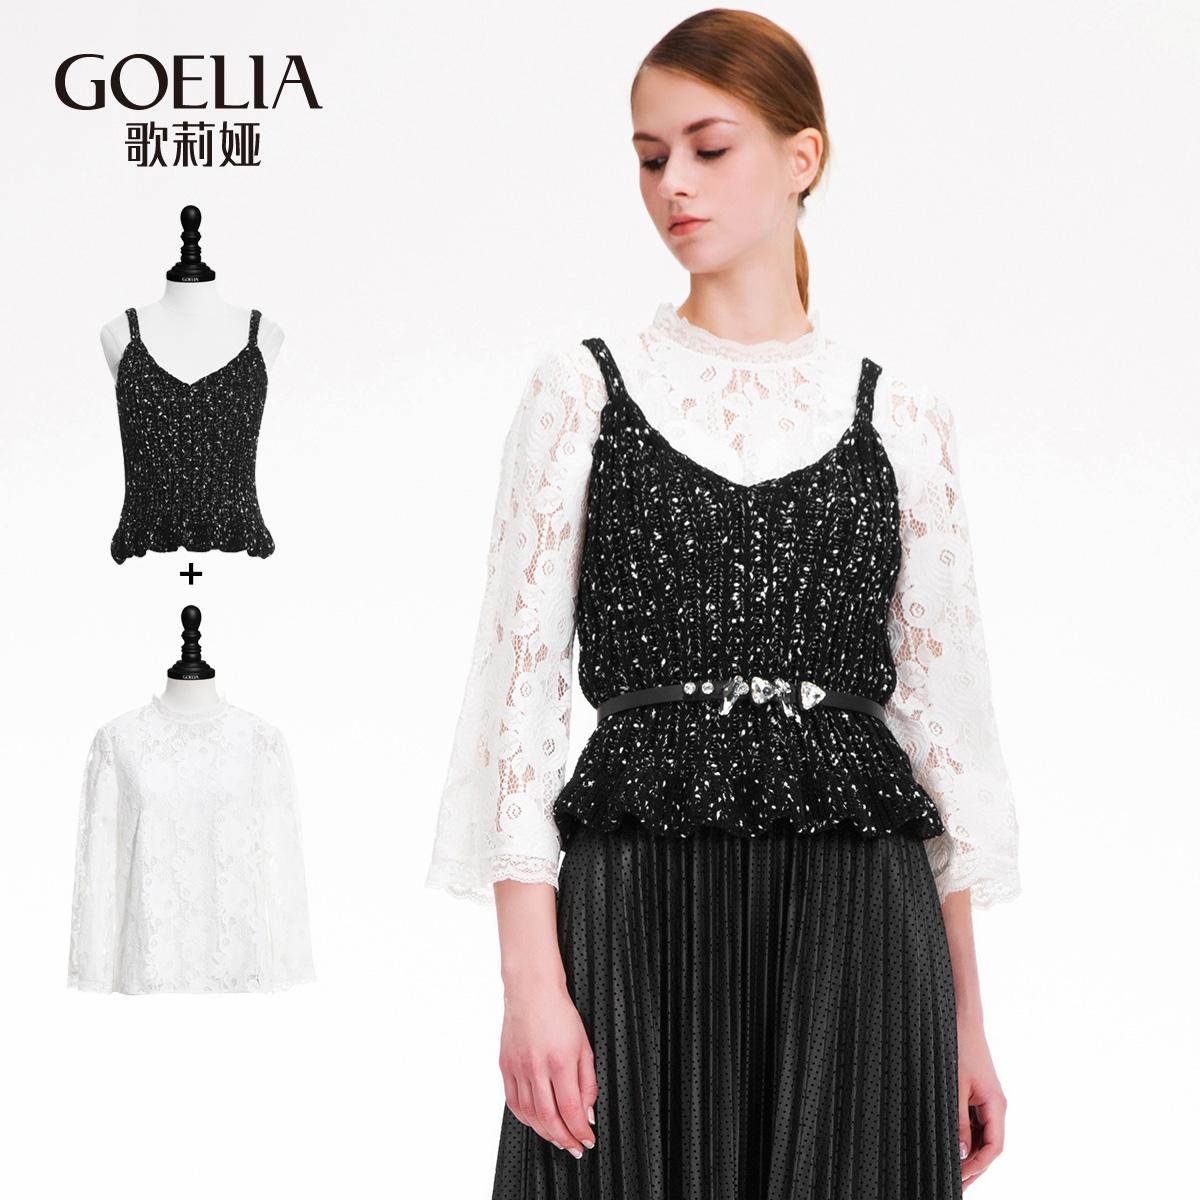 歌莉娅女装 歌莉娅女装 秋冬毛衣两件套吊带衫+蕾丝衫169J5J210_推荐淘宝好看的歌莉娅